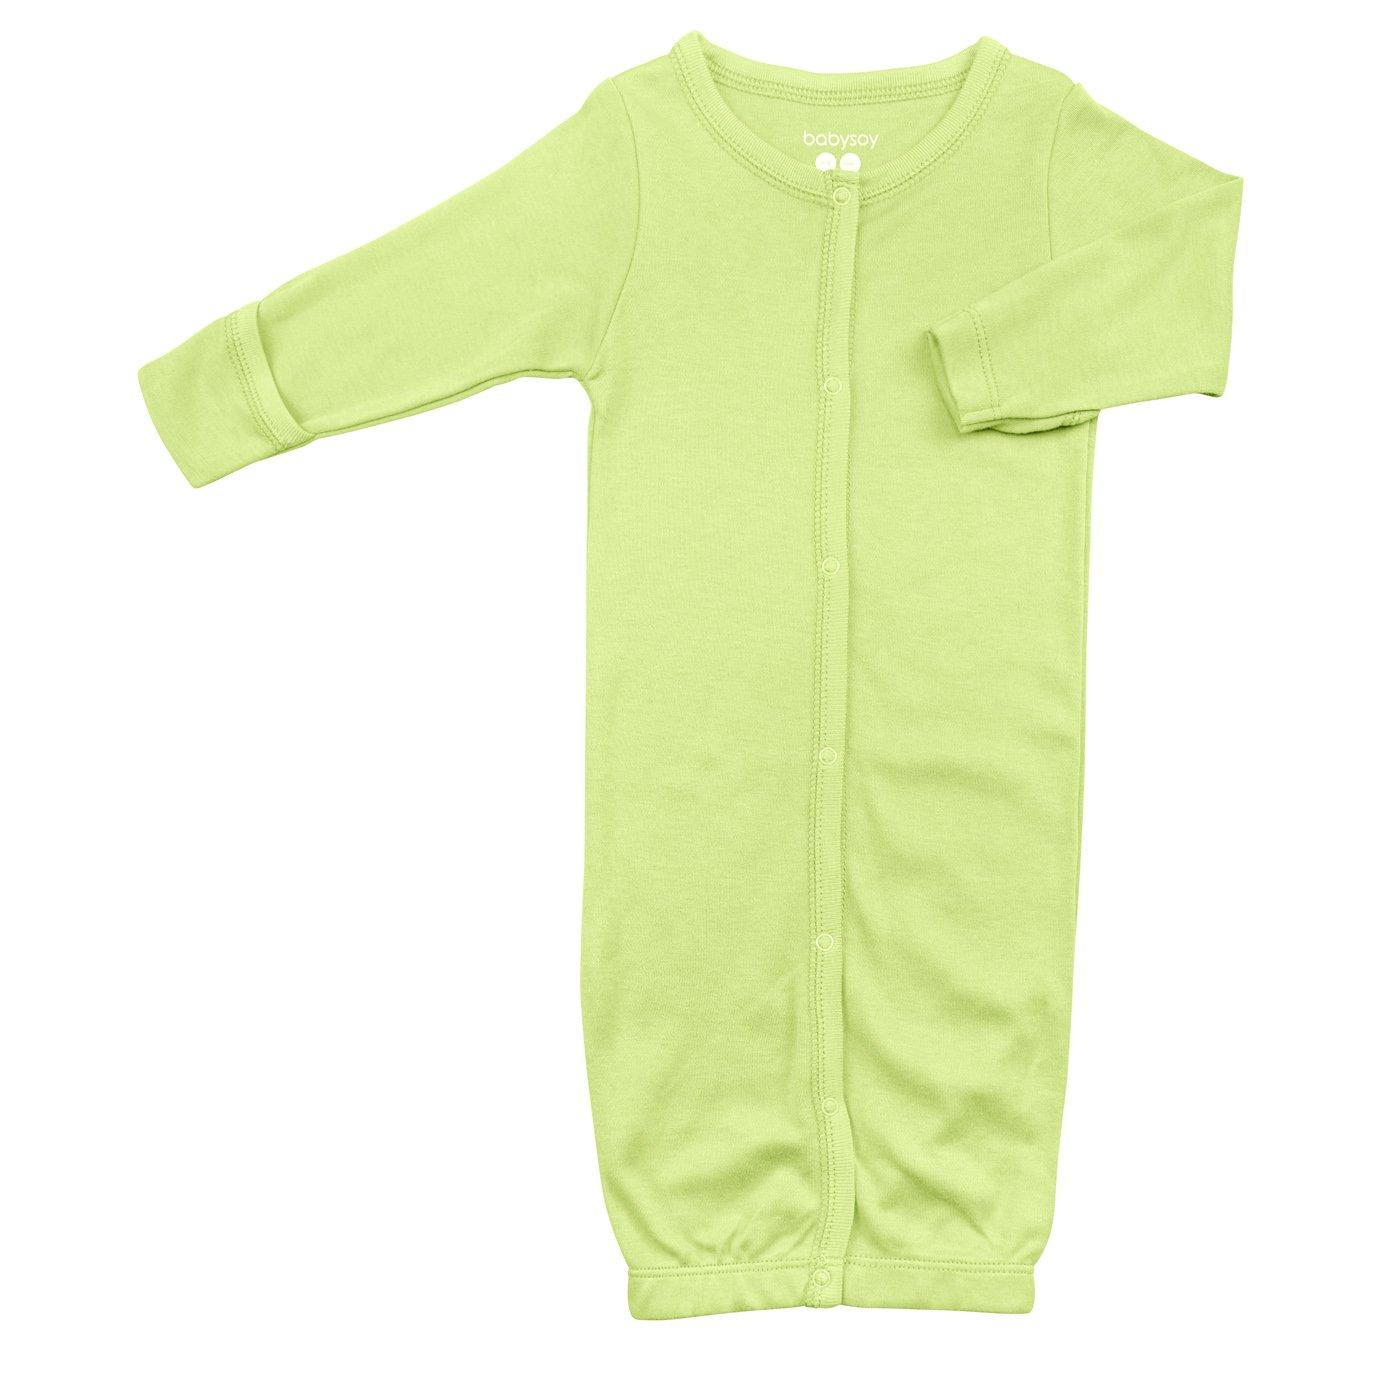 Babysoy Organic Modern Solid Bundler/Gown